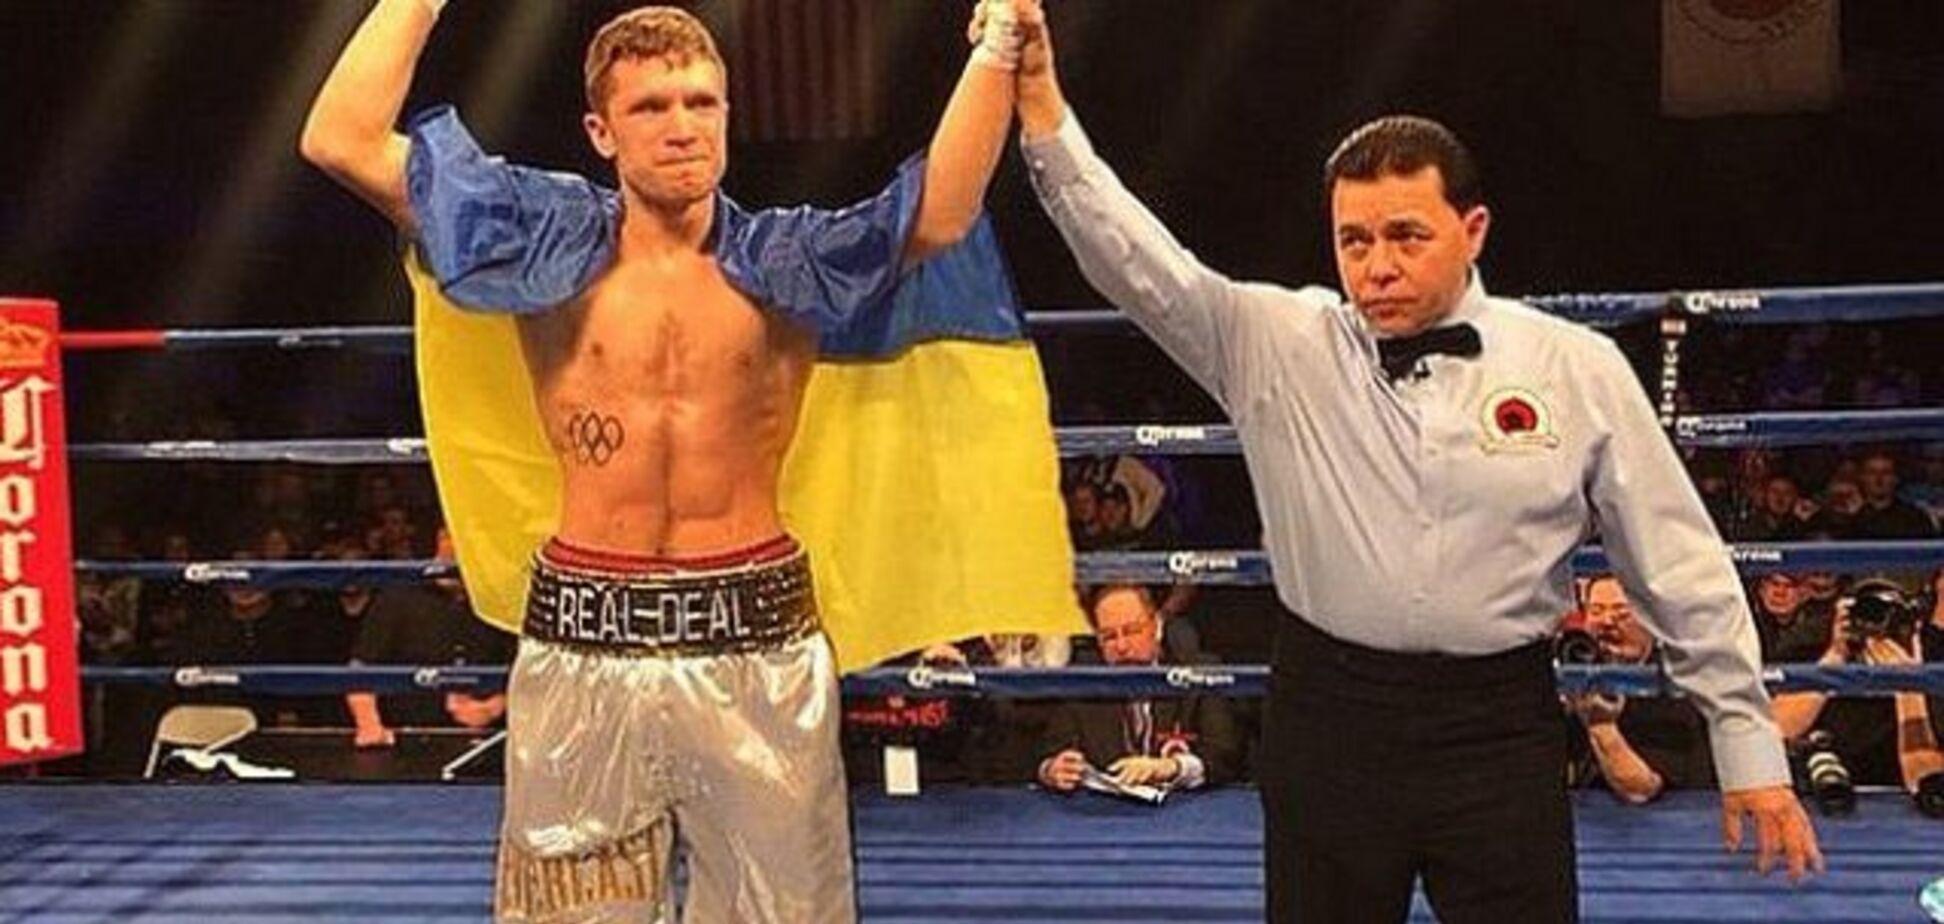 'Я принял решение...' Непобедимый украинский боксер сделал заявление о карьере